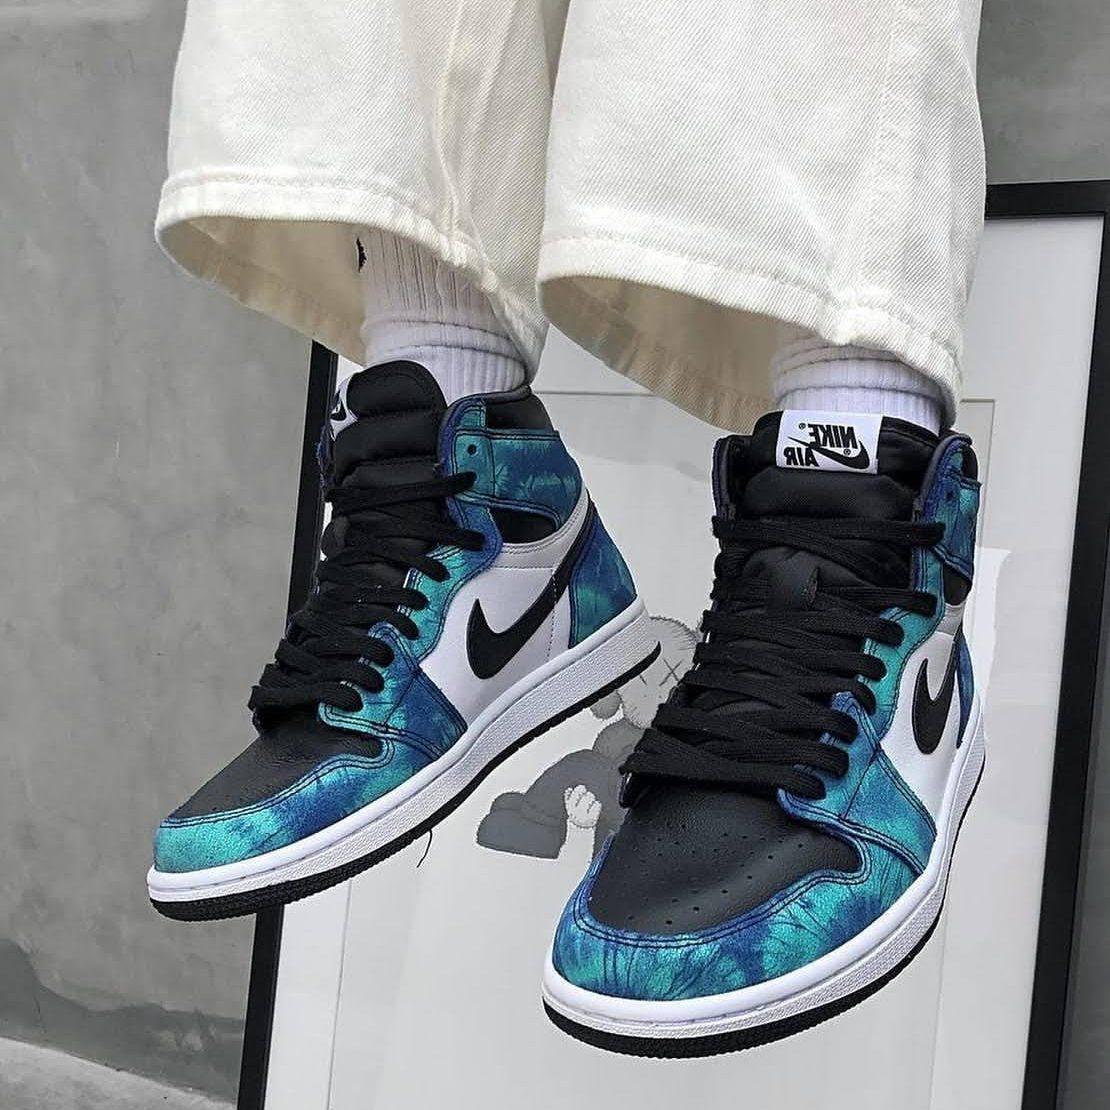 ナイキ エア ジョーダン 1 ウィメンズ タイダイ 2020年 スニーカー Nike-WMNS-Air-Jordan-1-Tie-Dye